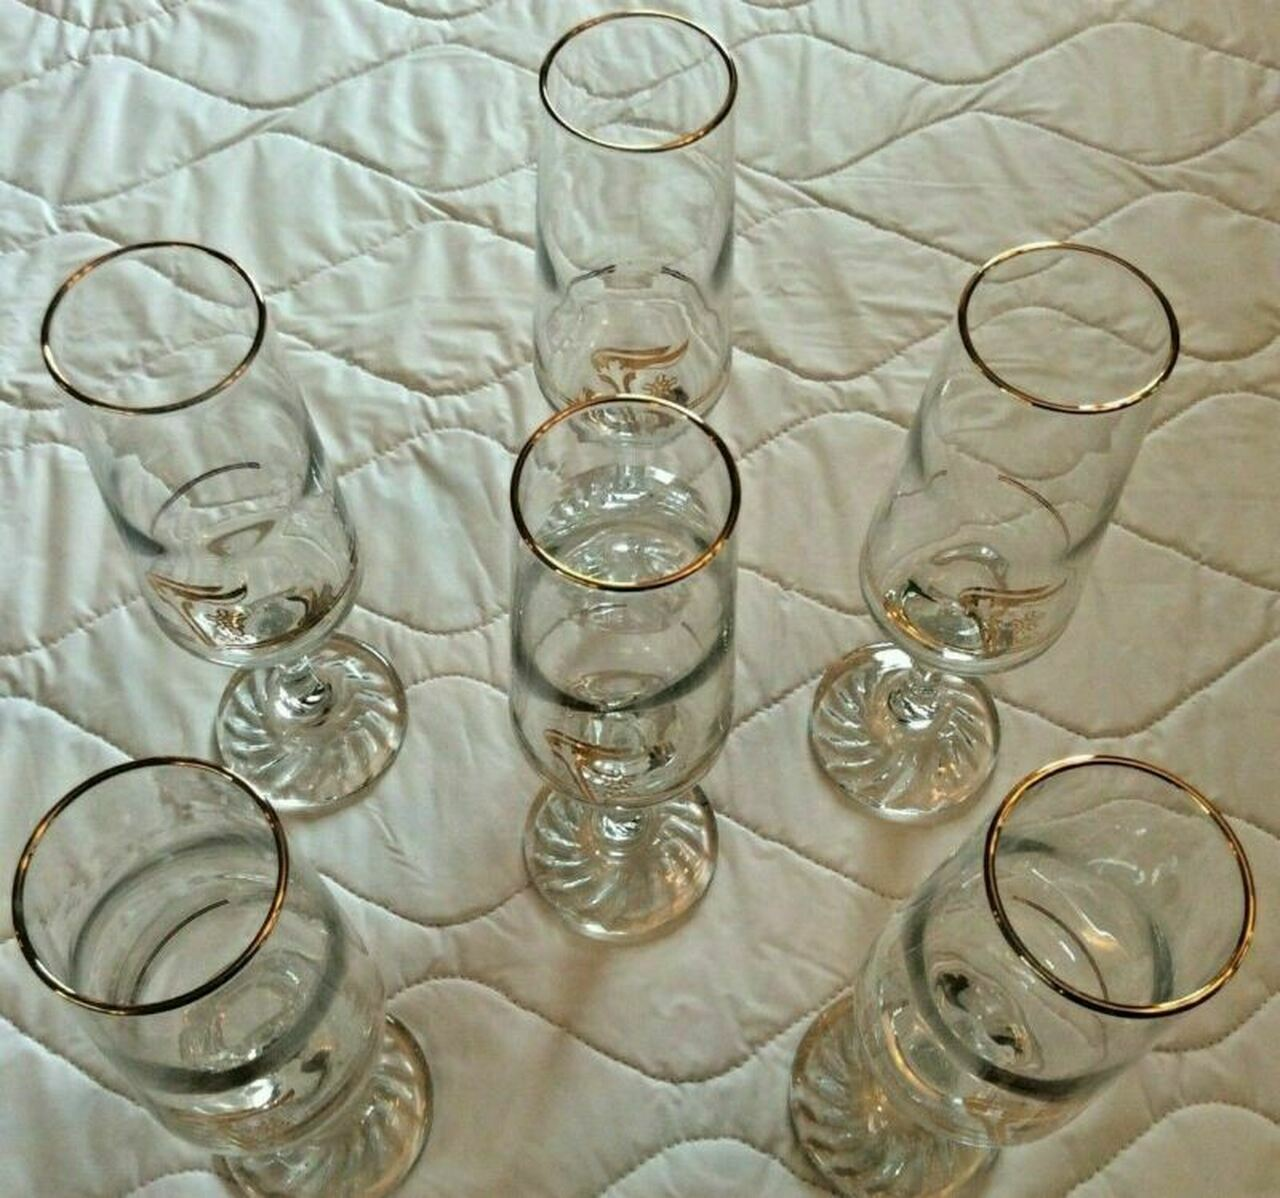 Glassware & Bar Accessories